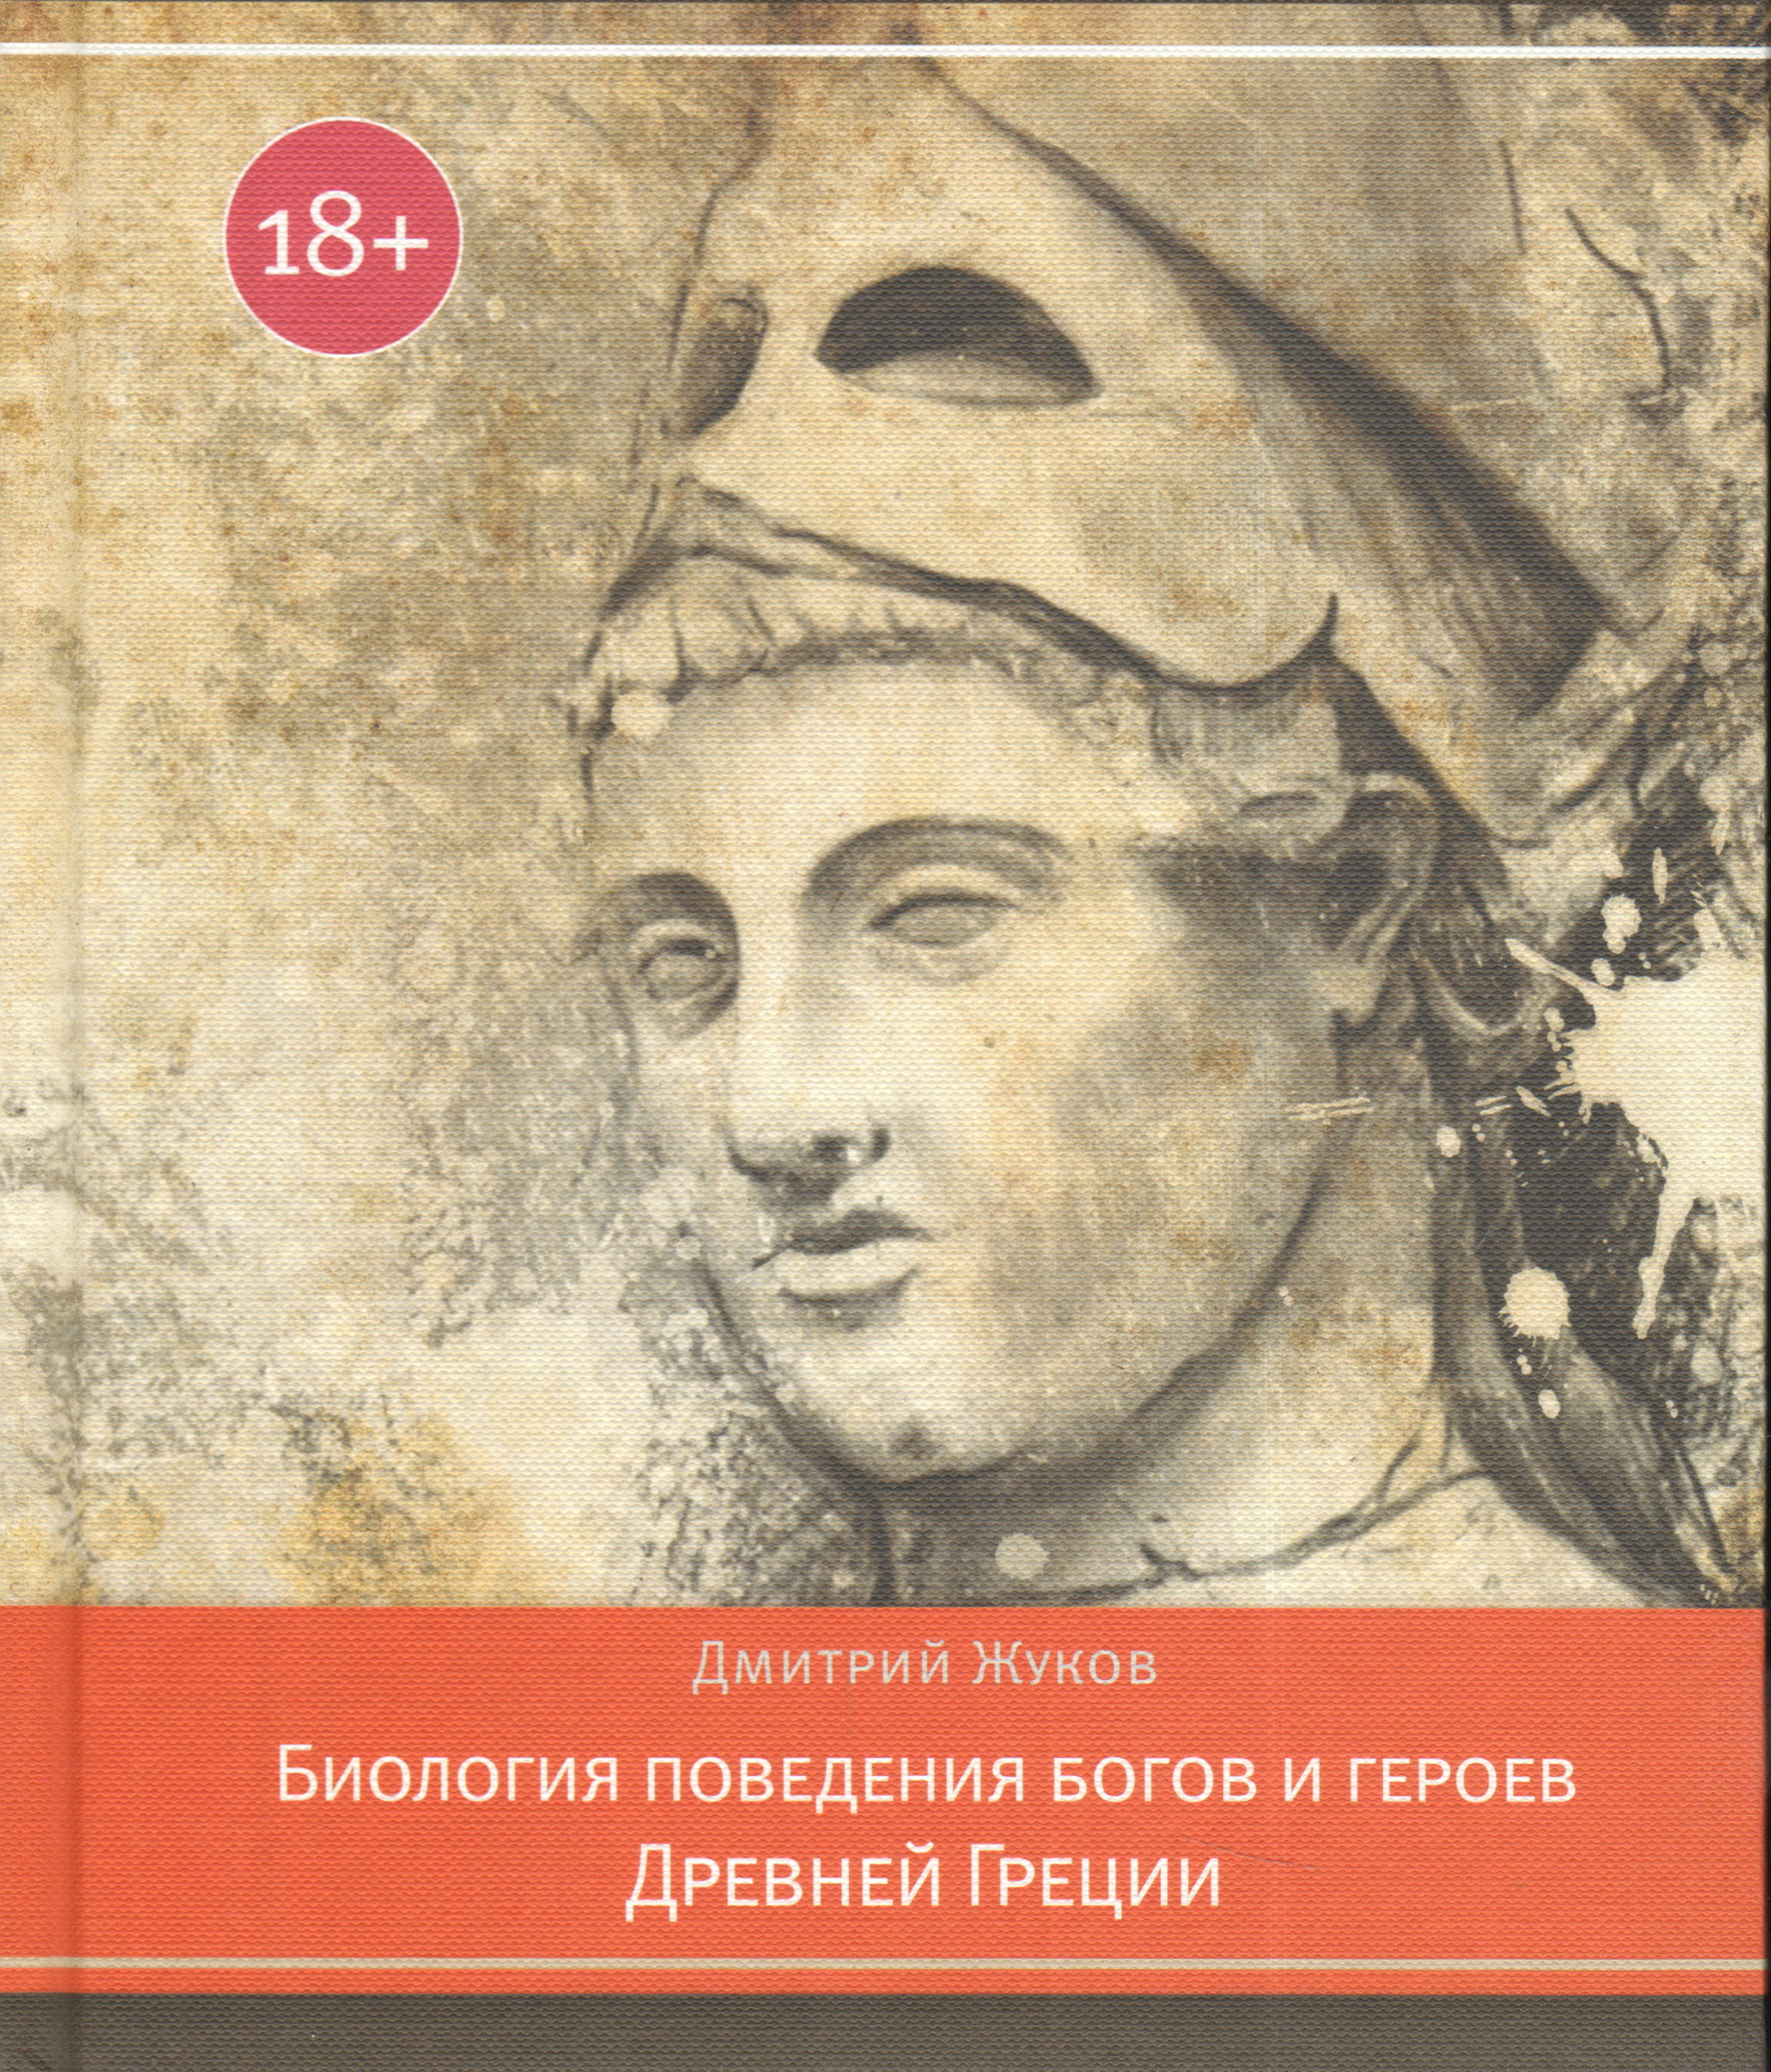 Биология поведения богов и героев Древней Греции. Жуков Д.А.